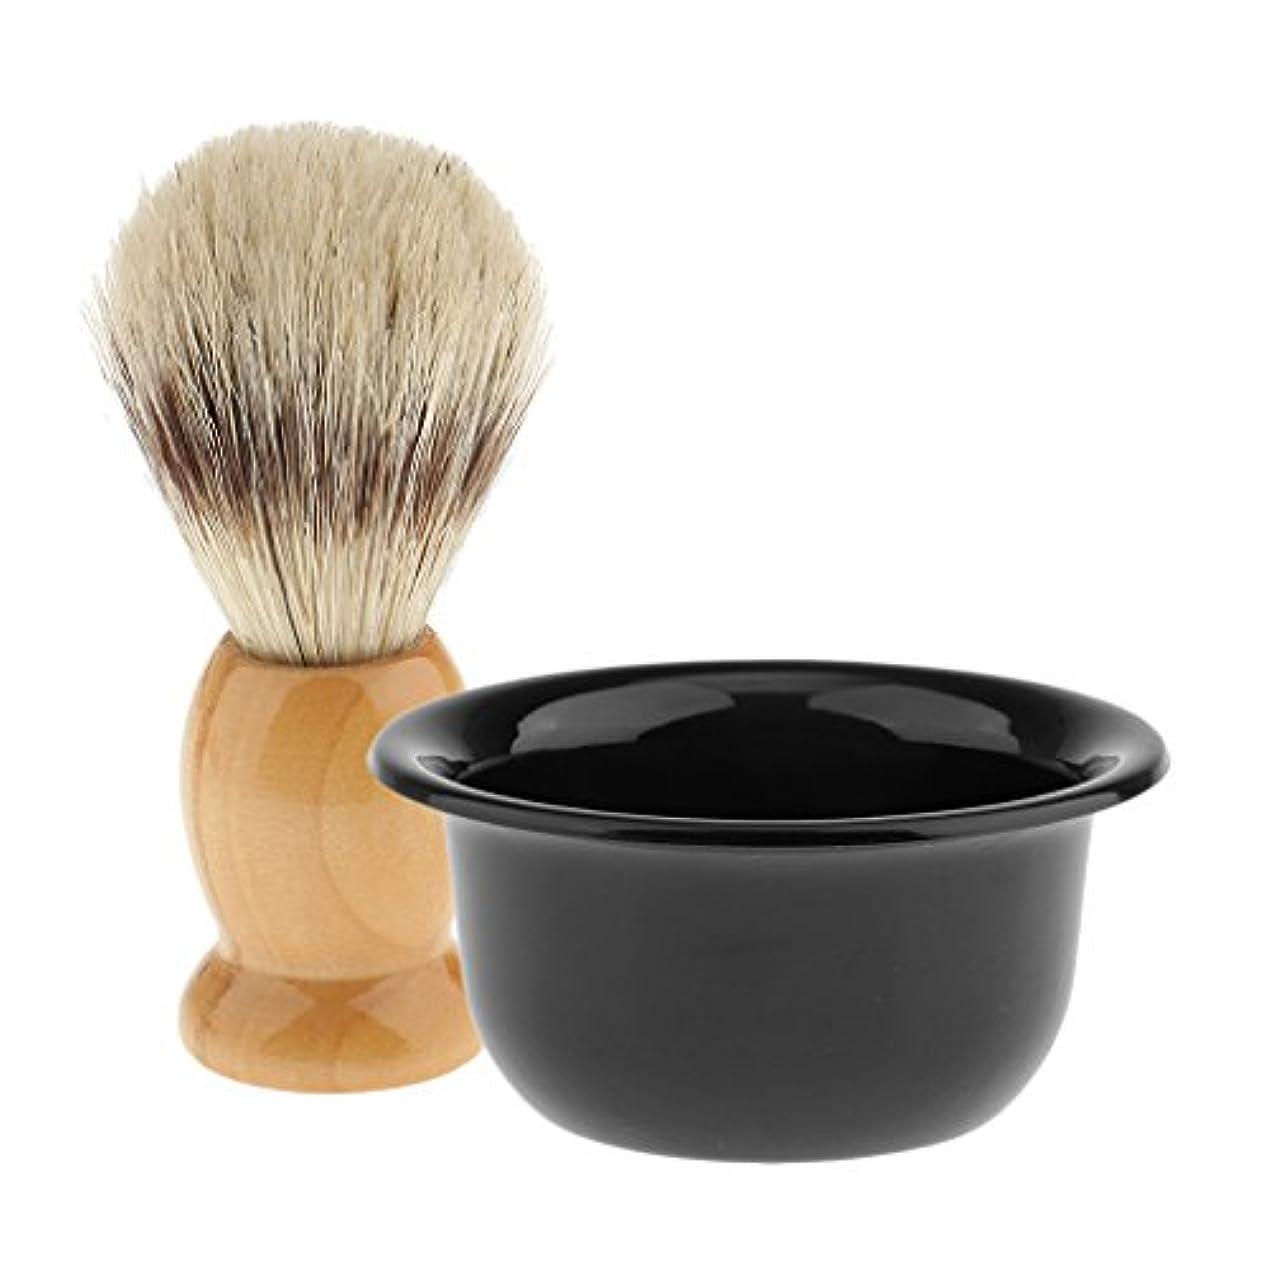 本を読む文字通り日没dailymall 男性の毛の取り外しのためのプラスチック黒のひげそりボウルクリーニングソープクリームカップマグセットとソフトサロン床屋毛シェービングブラシ